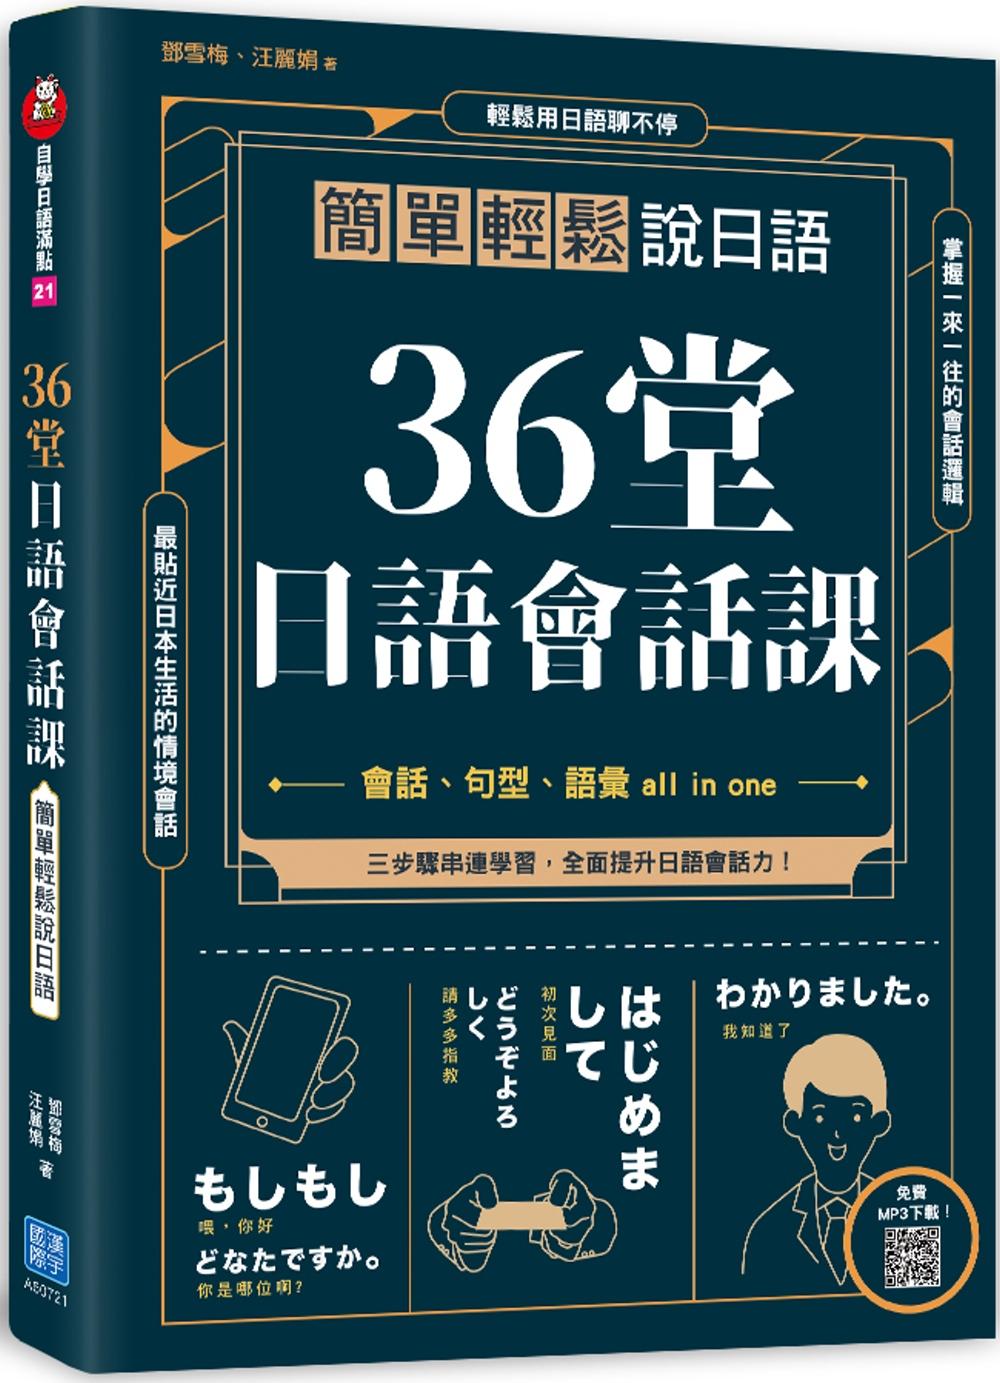 36堂日語會話課